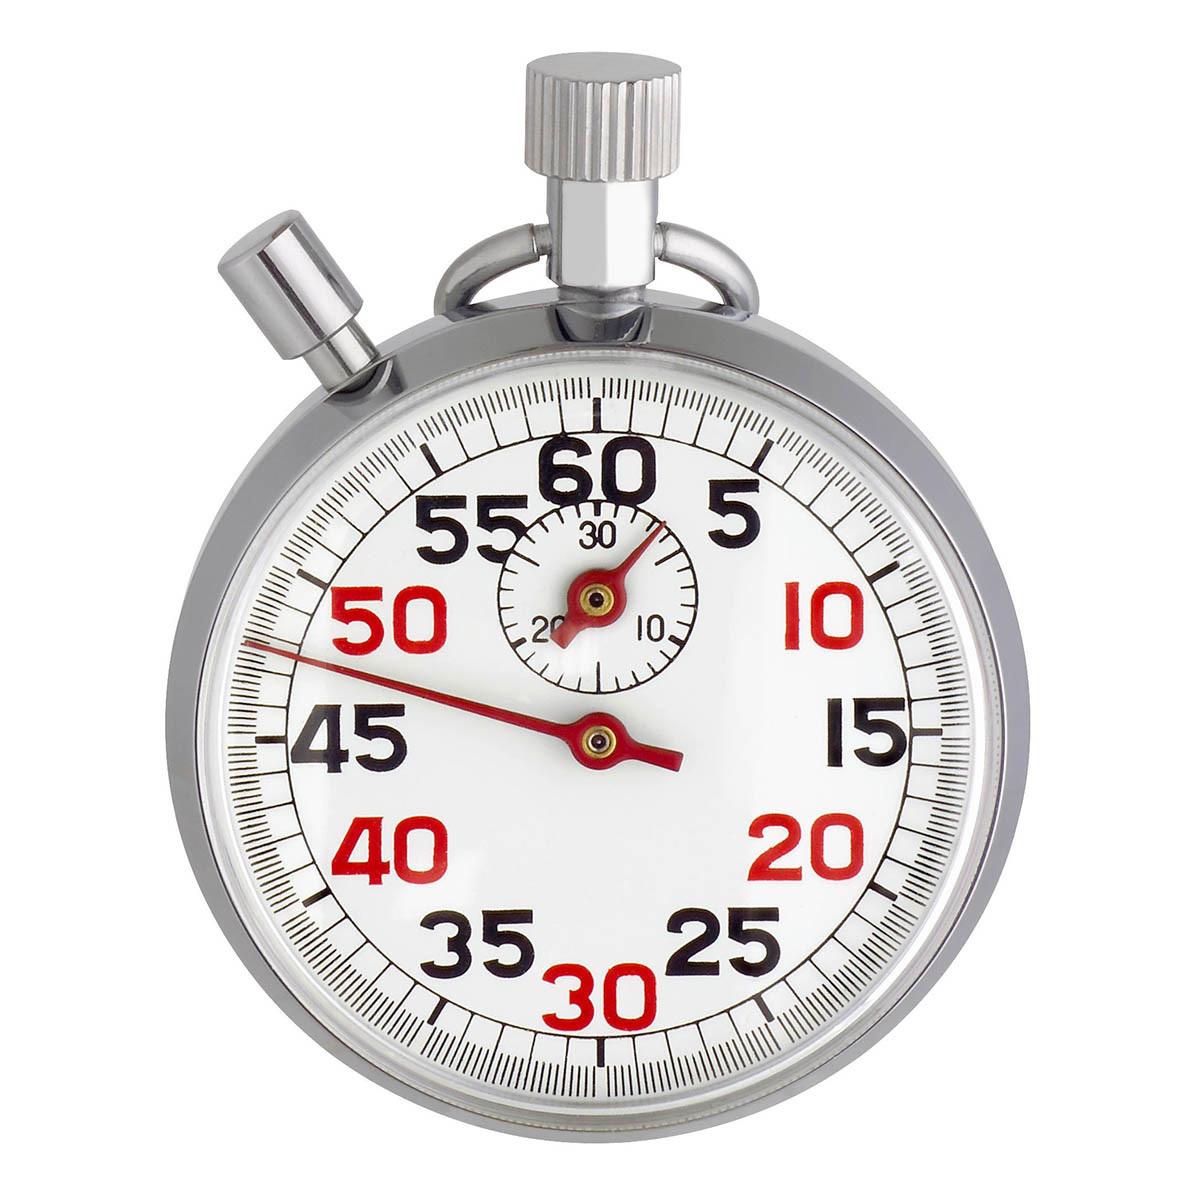 38-1022-mechanische-stoppuhr-ansicht-1200x1200px.jpg